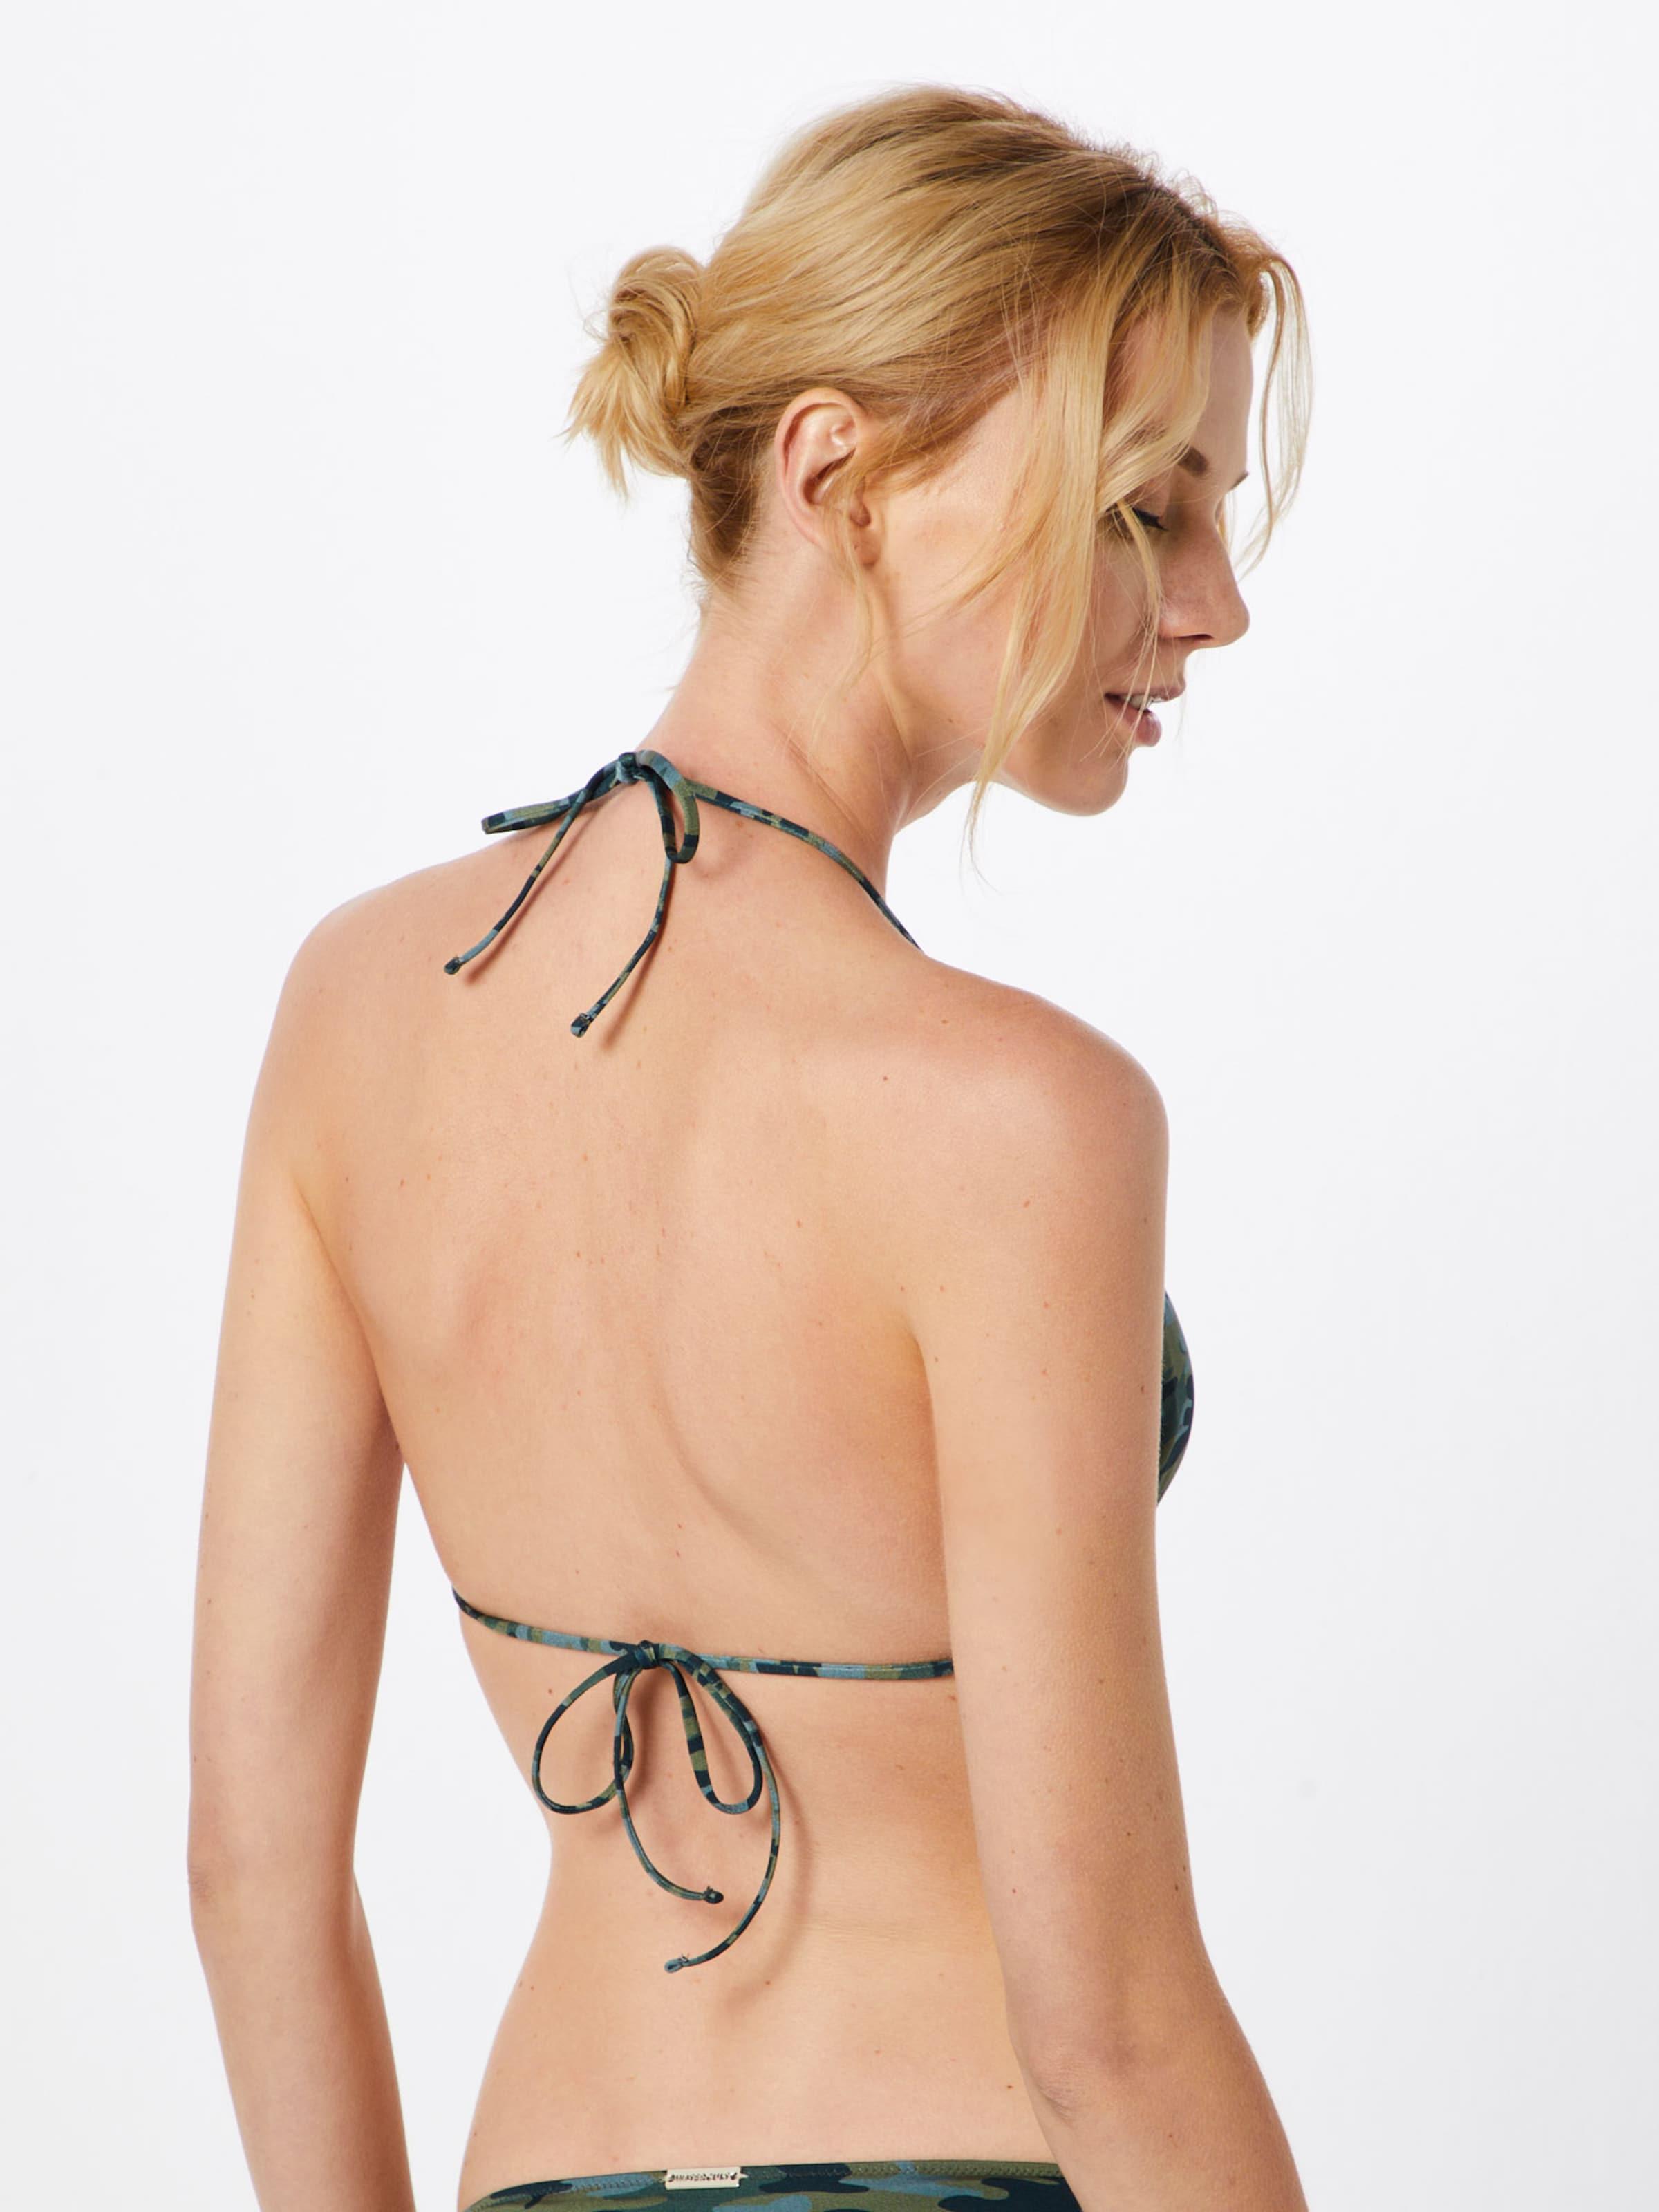 Watercult Top' Grün 'bikini Top' Watercult 'bikini In Grün Watercult 'bikini Top' In rdCxtQsh